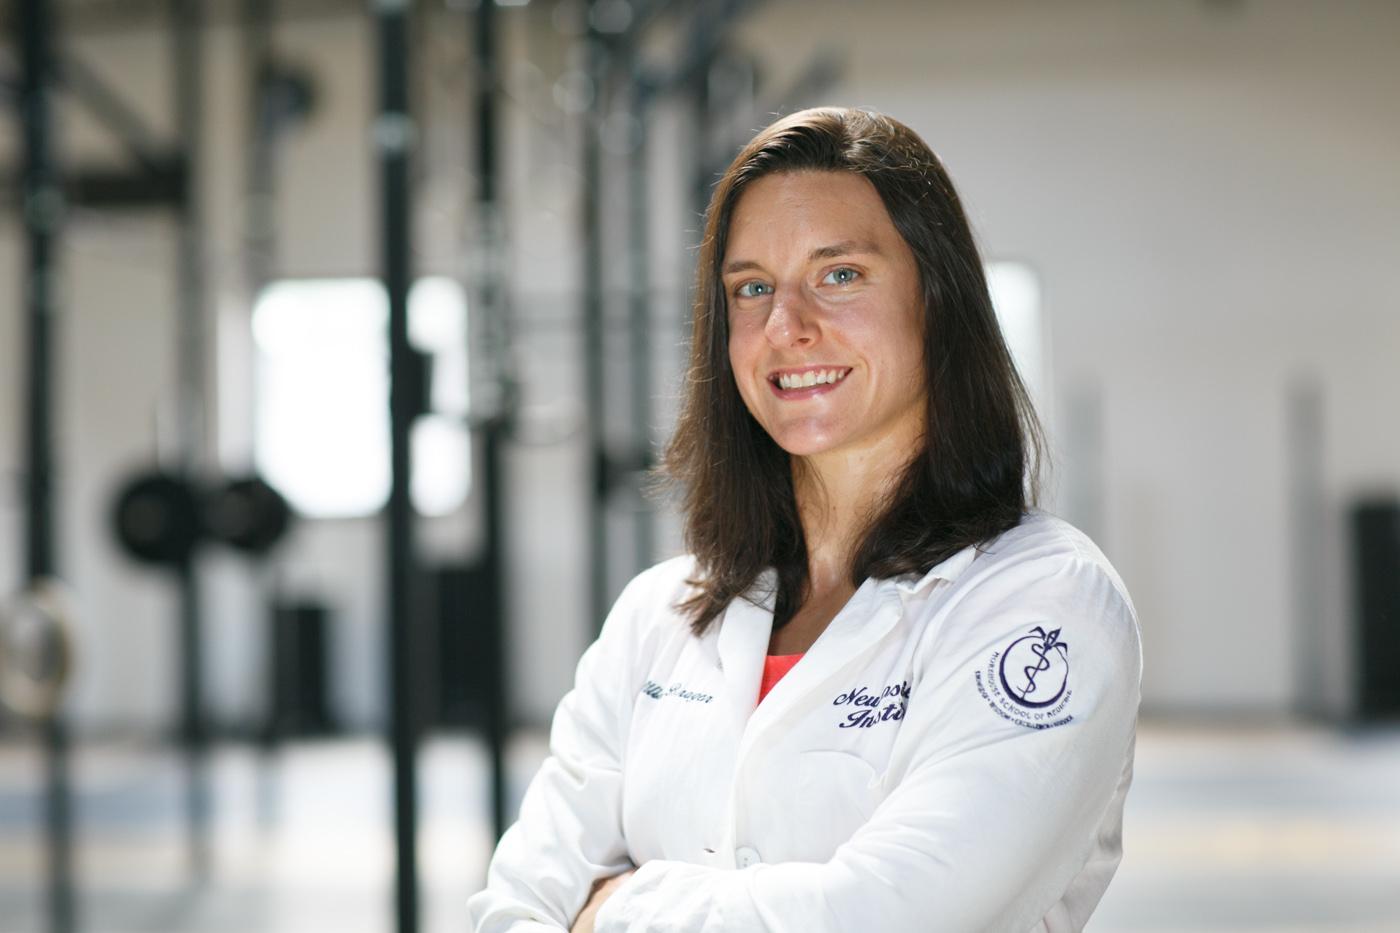 Dr. Allison Brager